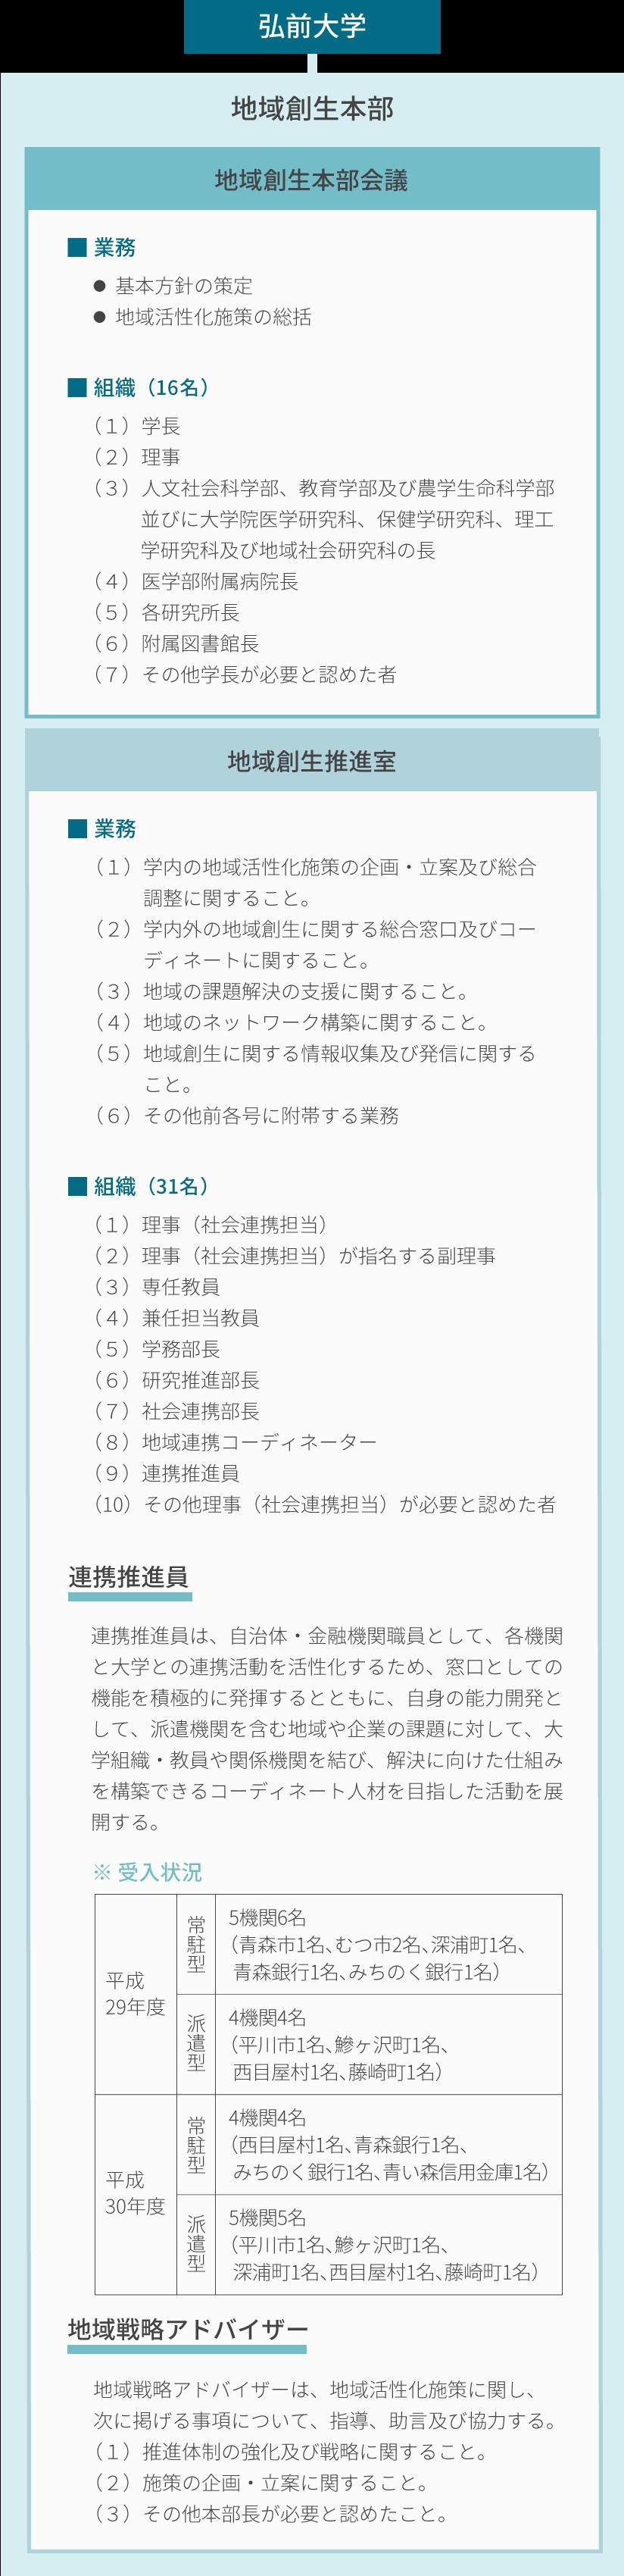 弘前大学地域創生本部 組織図